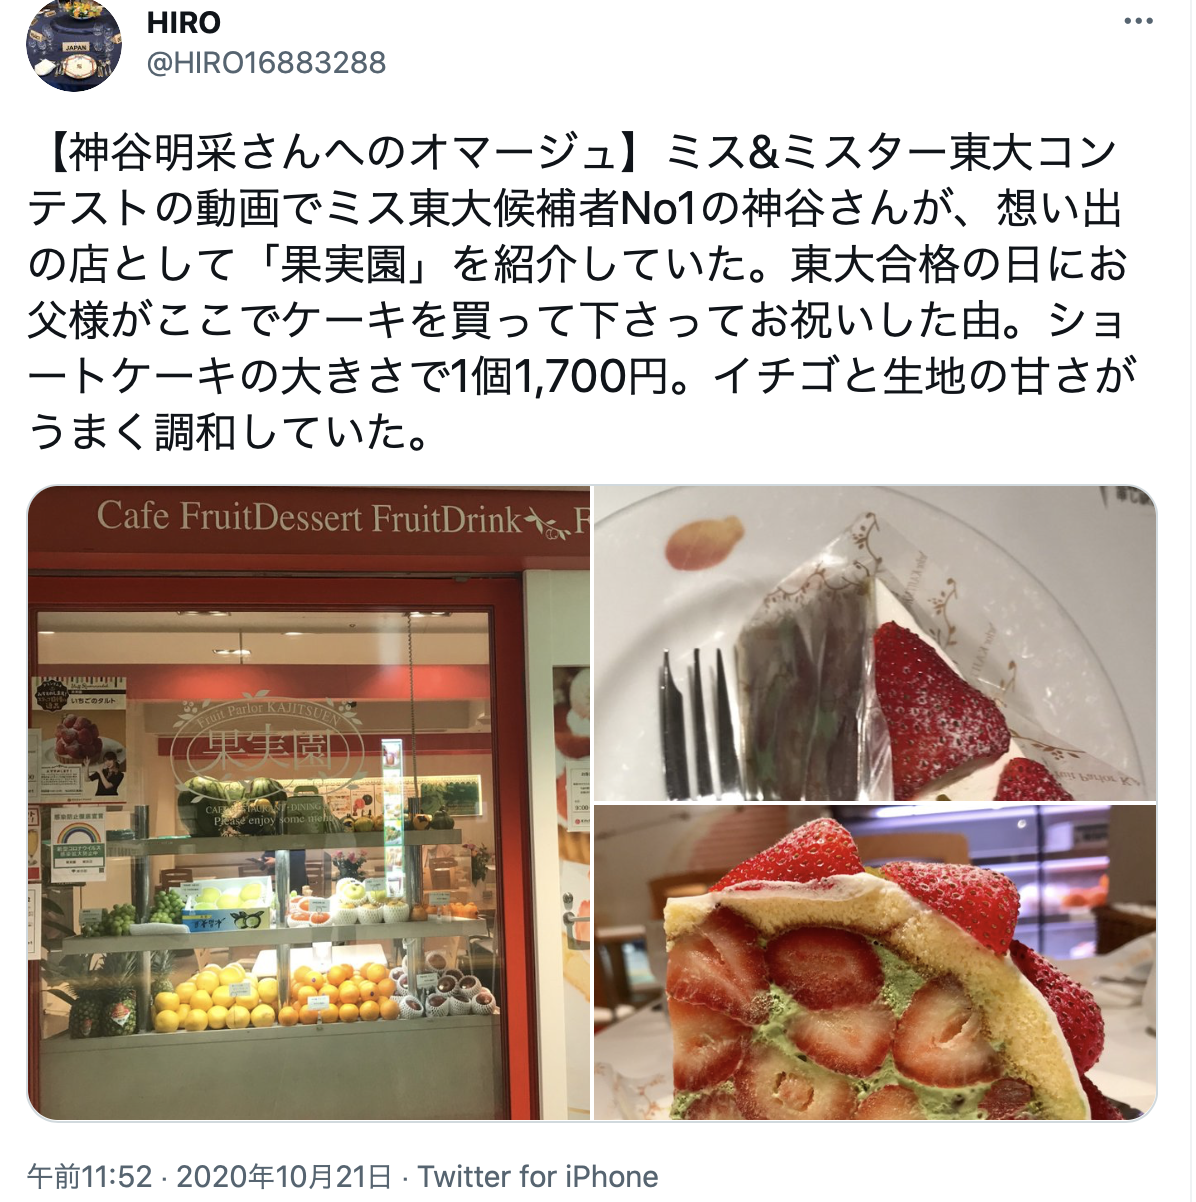 果実園 神谷明采